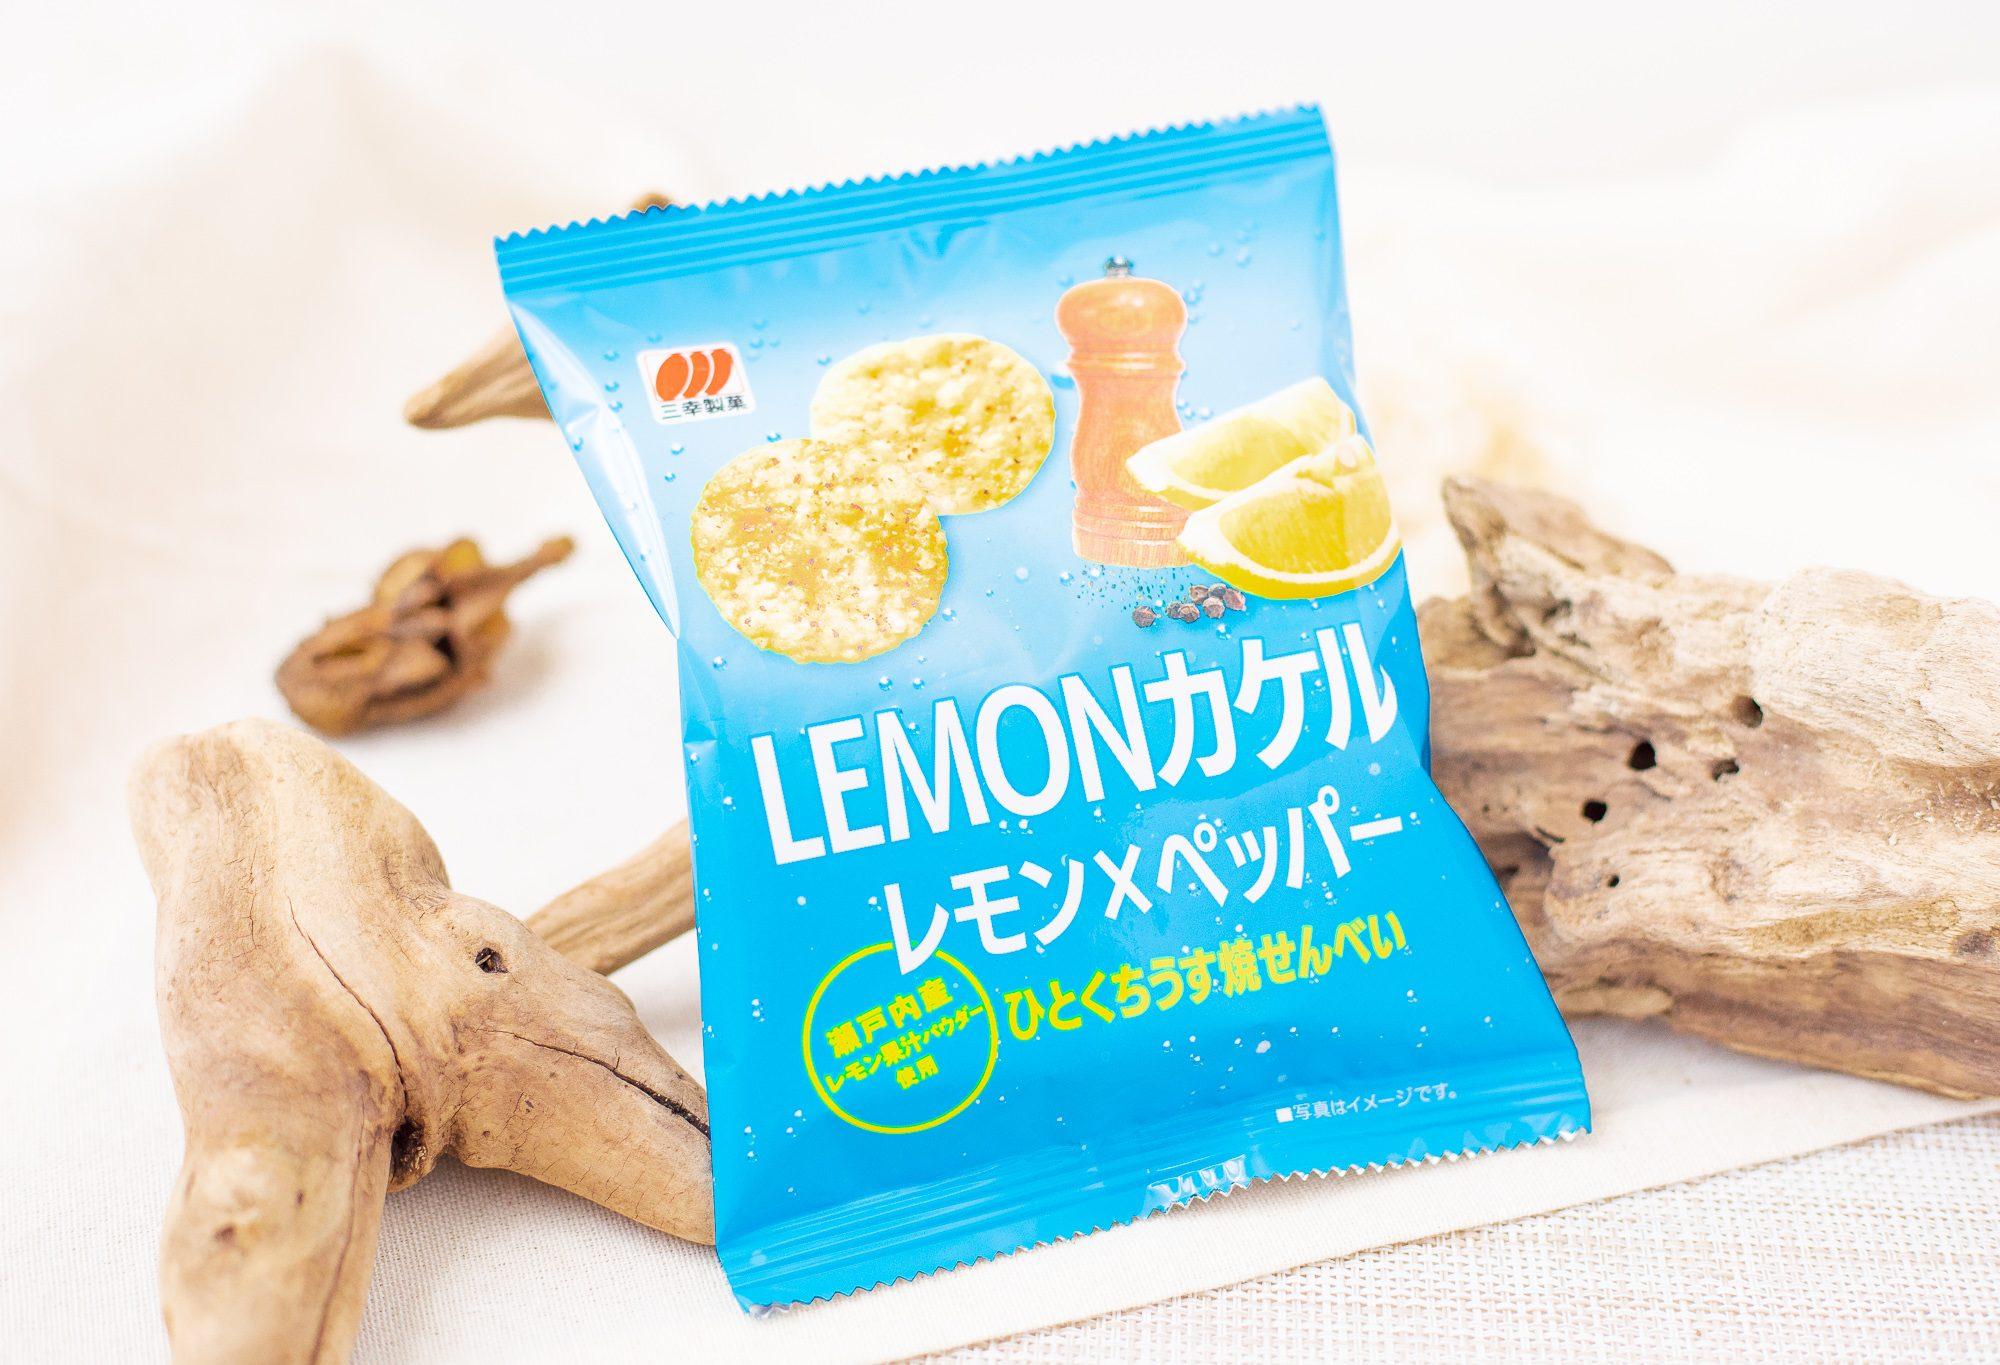 三幸『LEMONカケル レモン×ペッパー』は瀬戸内産レモン果汁パウダーの果汁感が際立ちお酒が進むひとくちうす焼きせんべい!